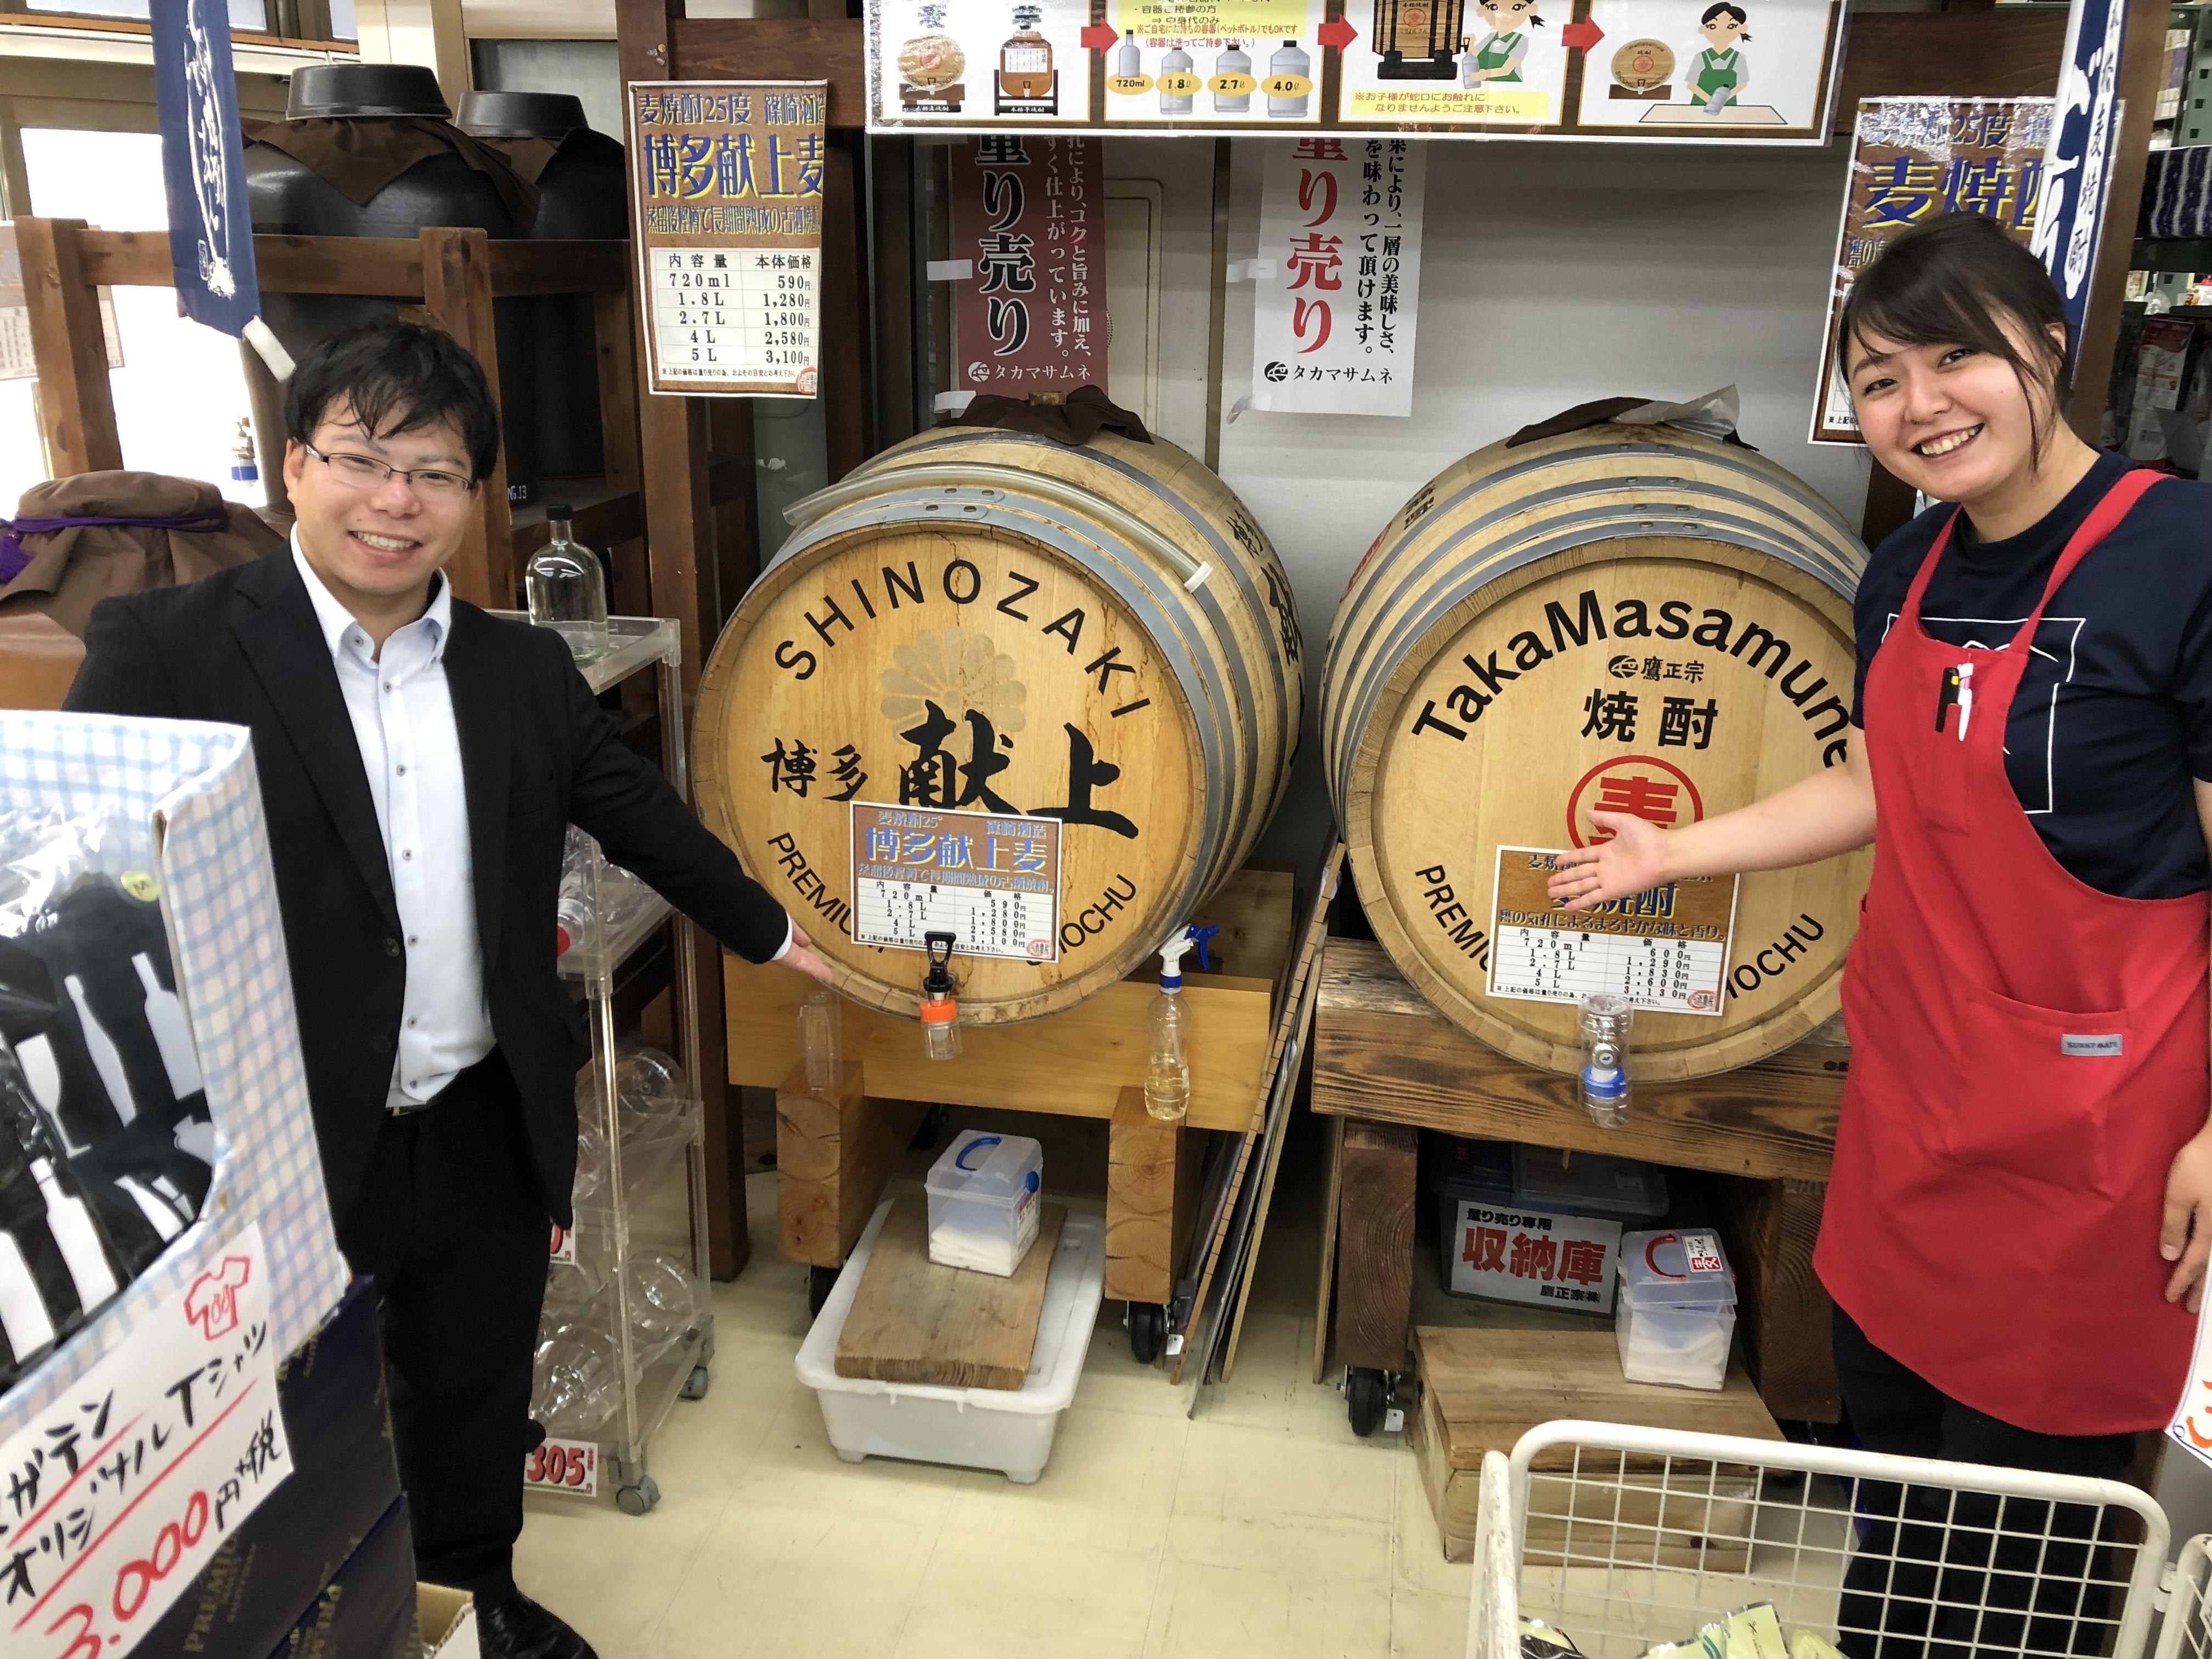 地元酒屋さんからチラシポスティング初受注!(龍一の営業日誌)